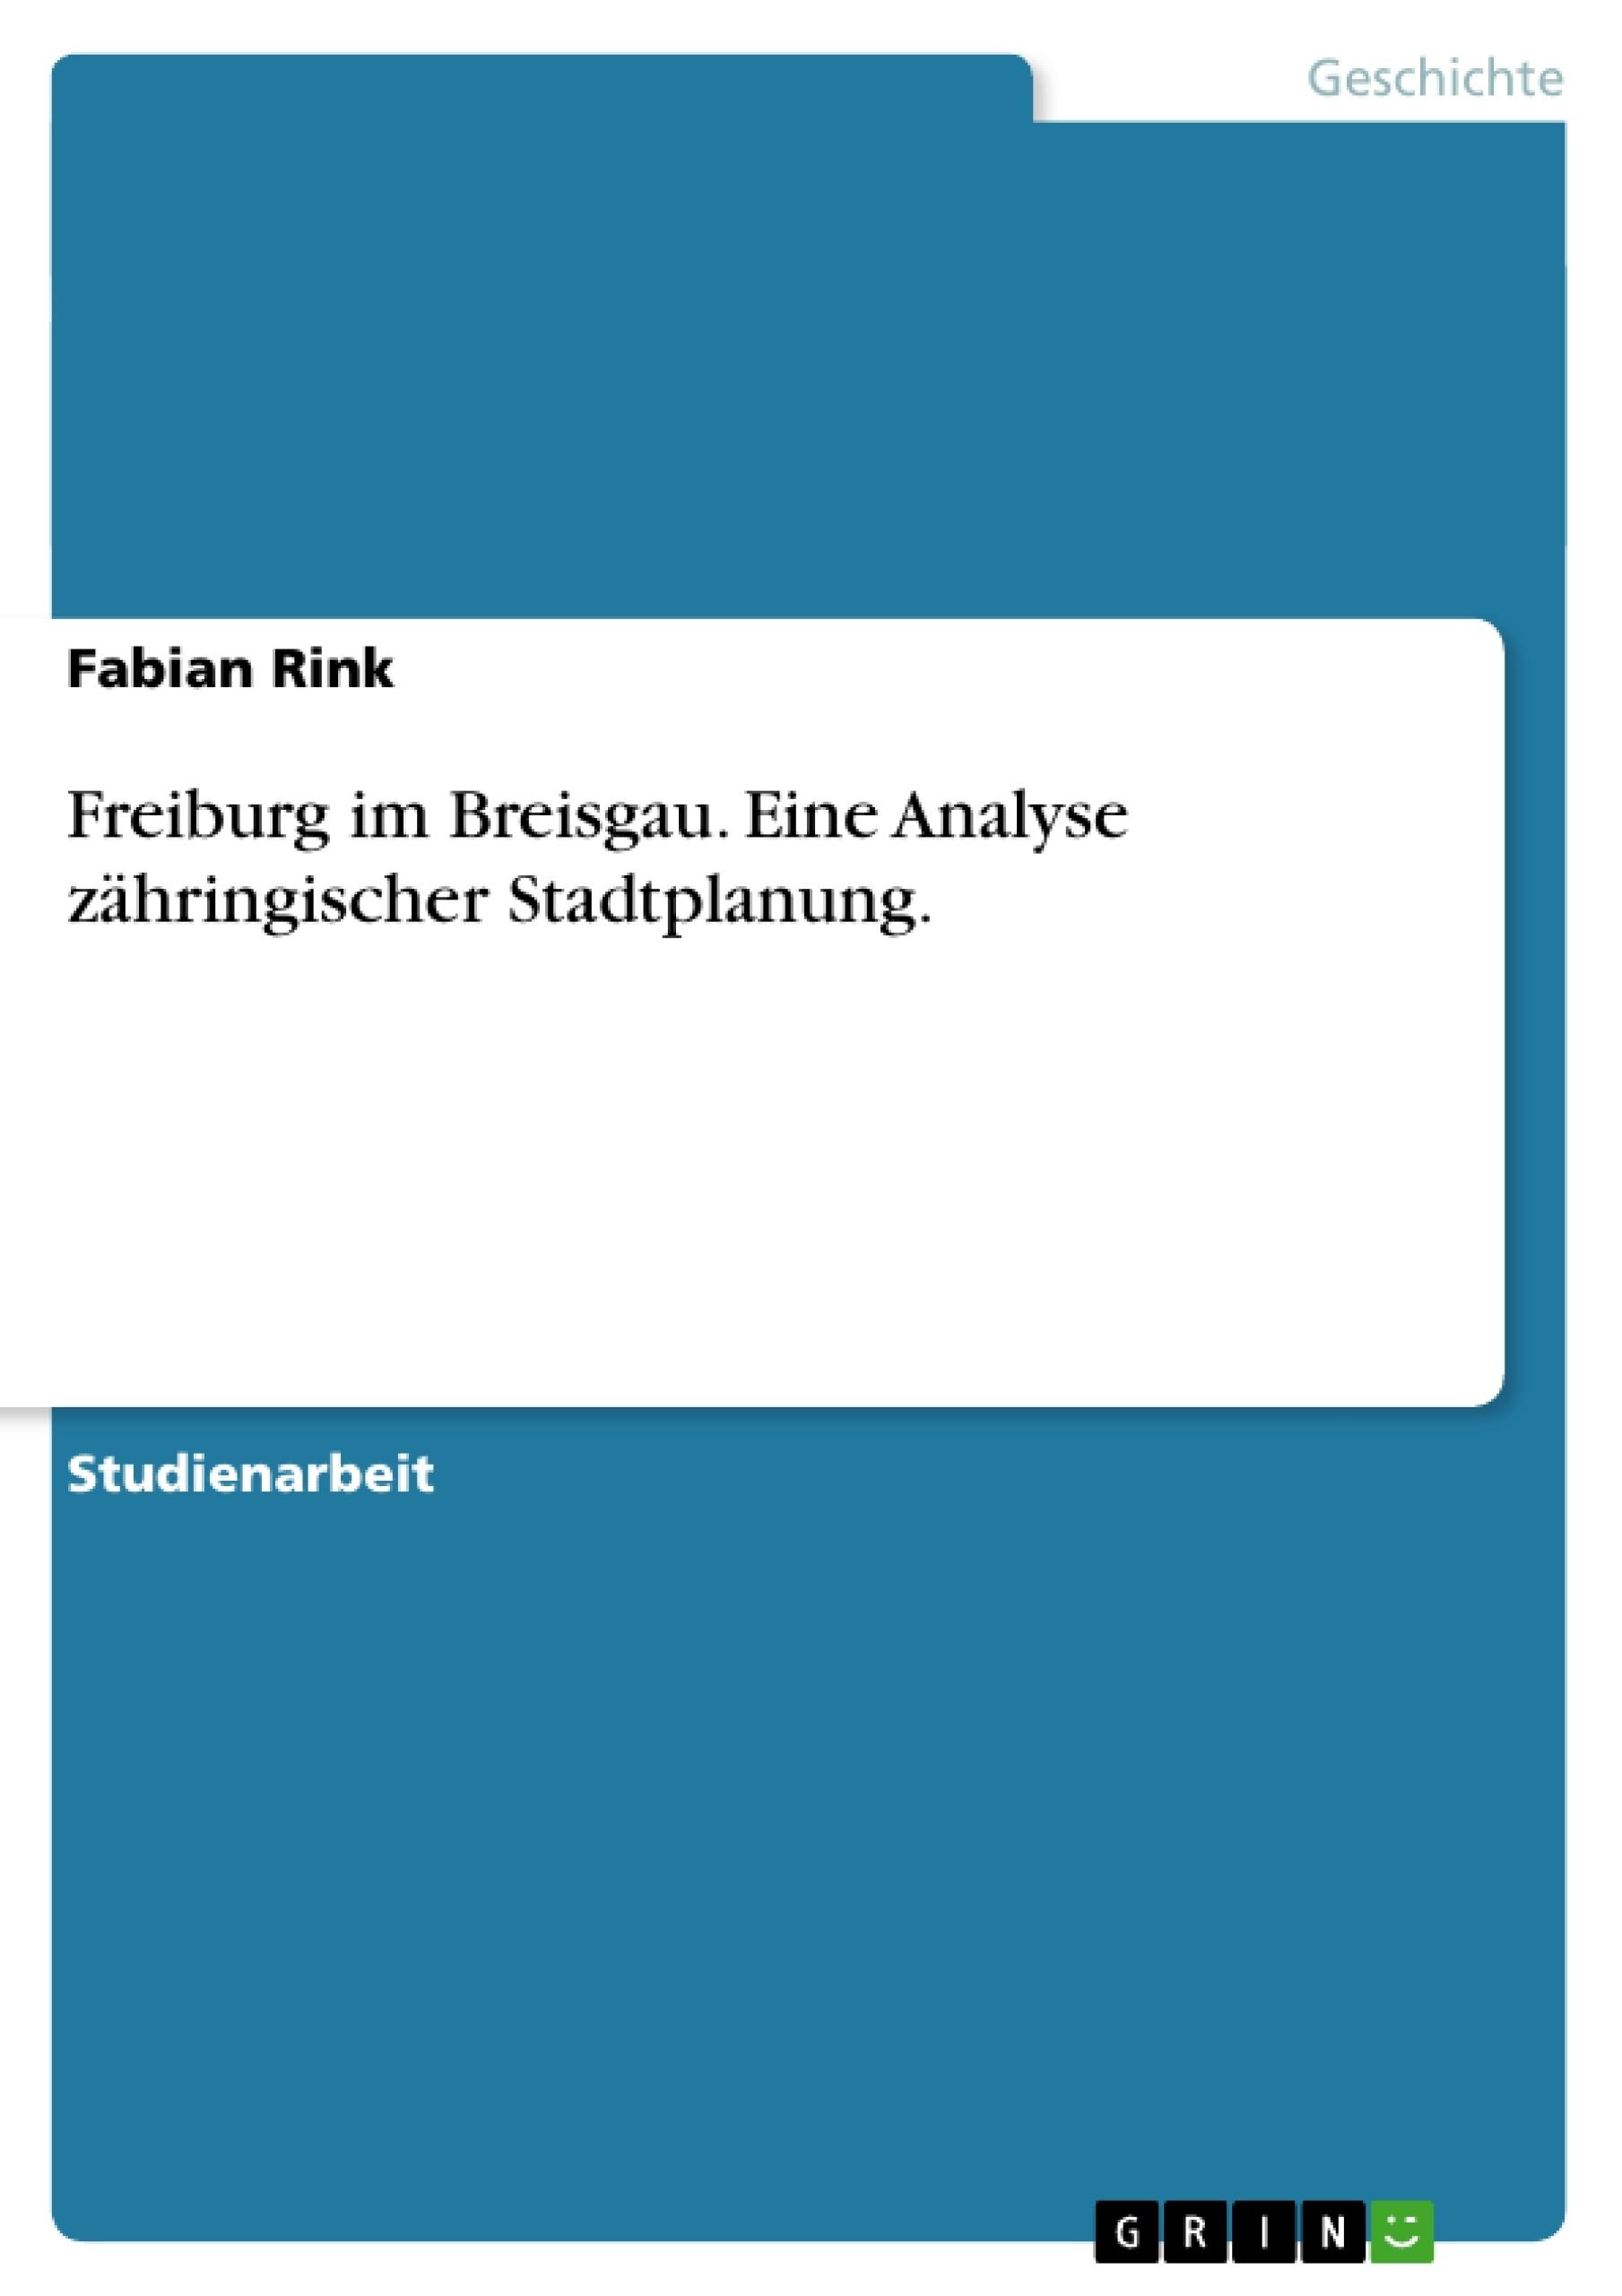 Titel: Freiburg im Breisgau. Eine Analyse zähringischer Stadtplanung.